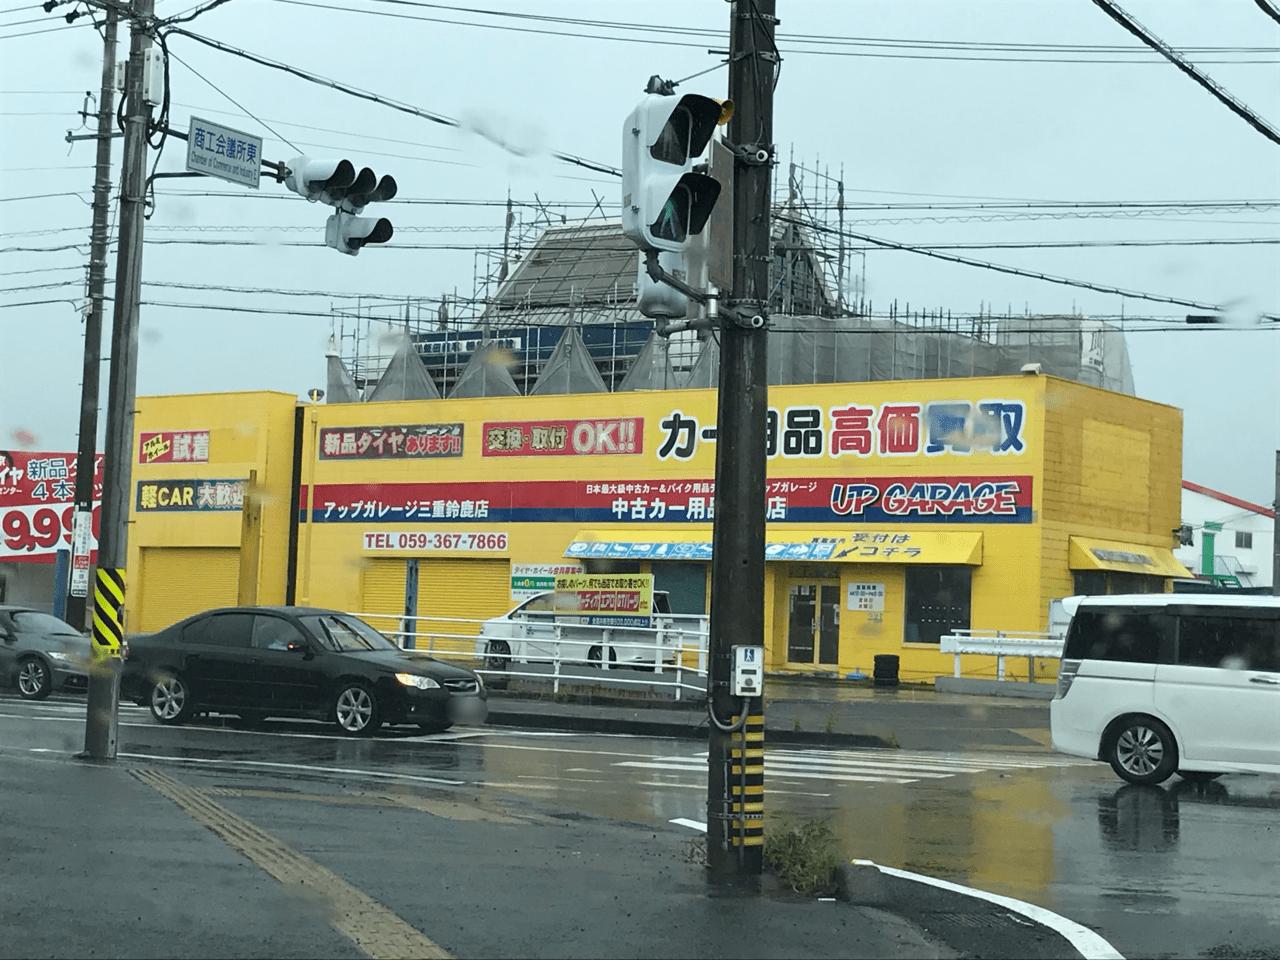 アップ ガレージ 松山